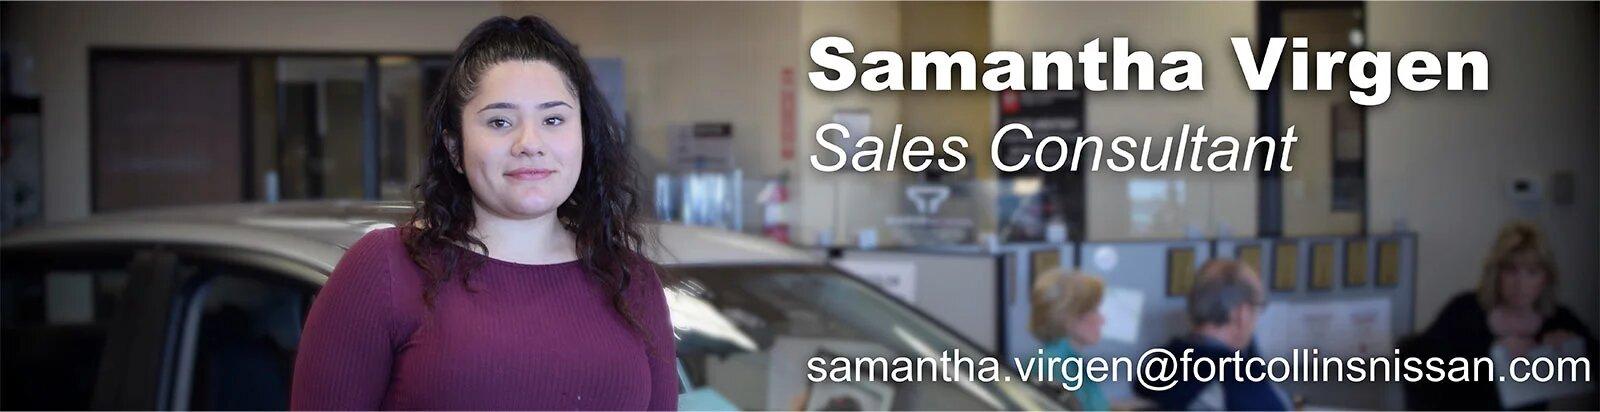 Sales Consultant Samantha Virgen